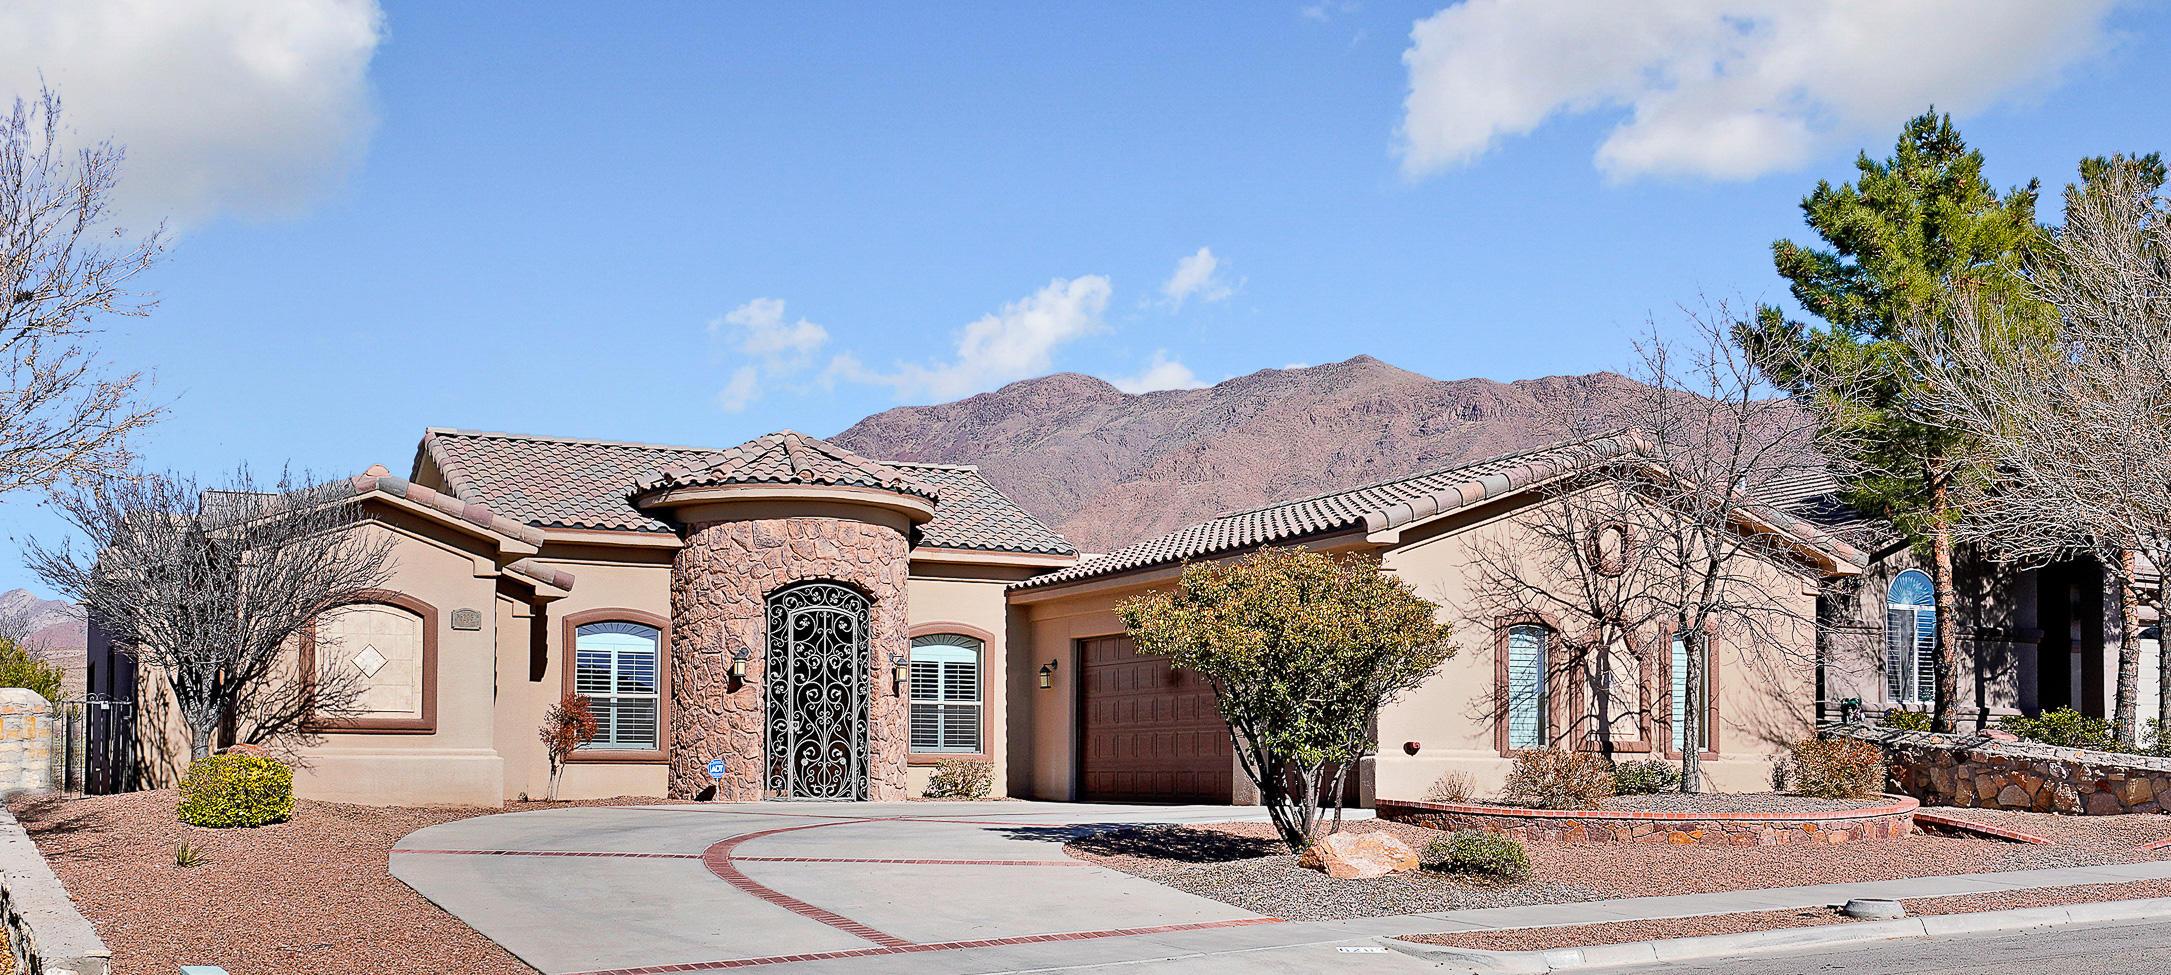 6203 FRANKLIN HAWK, El Paso, Texas 79912, 5 Bedrooms Bedrooms, ,4 BathroomsBathrooms,Residential,For sale,FRANKLIN HAWK,839285